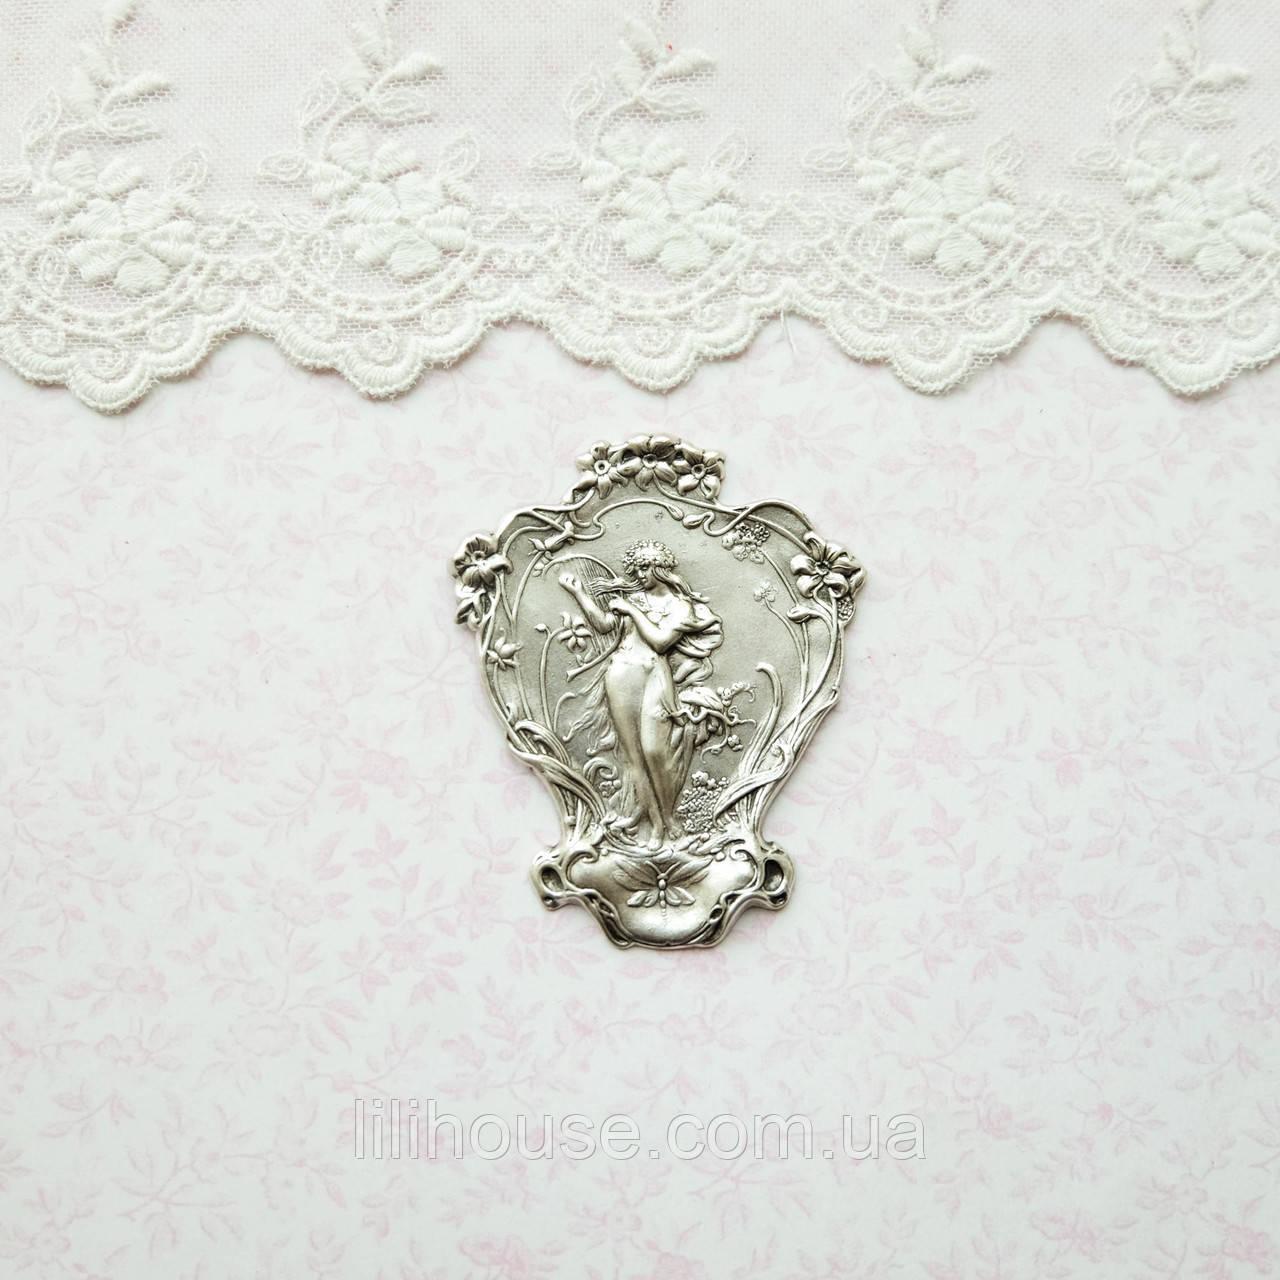 """Латунный штамп """"Дева с арфой"""" посеребренный, 64*52 мм"""